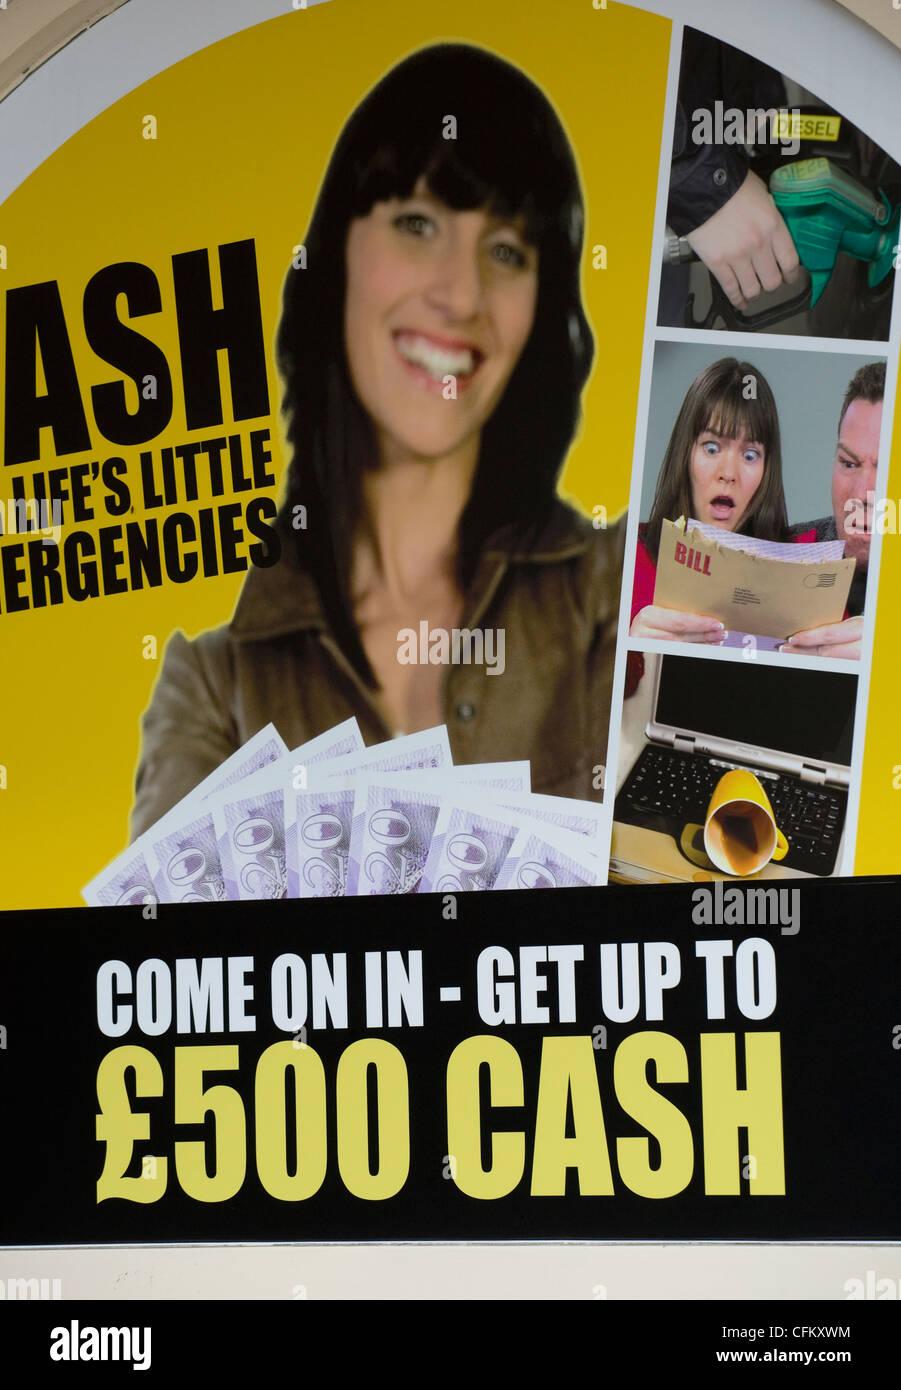 Cash advance loan mississippi image 8